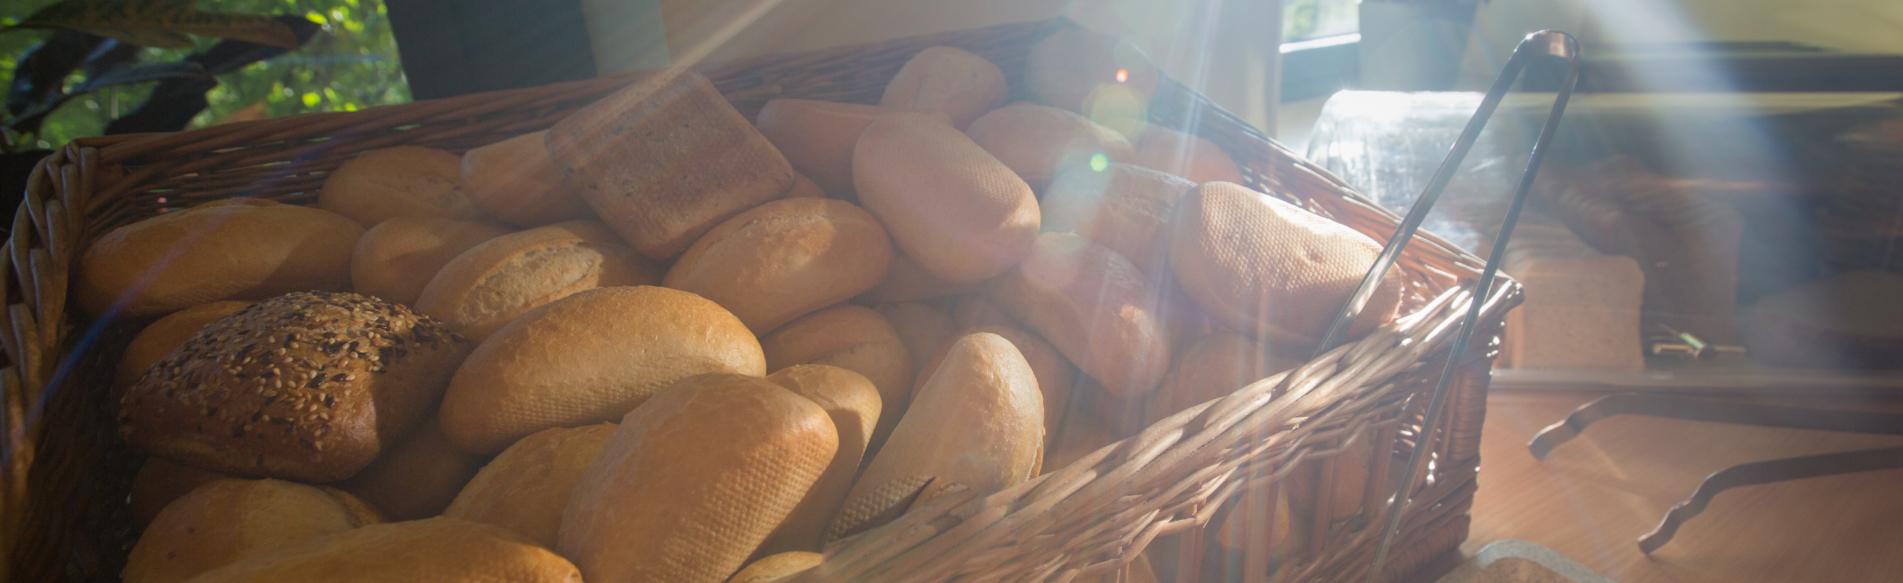 Frühstück im acama Hostel